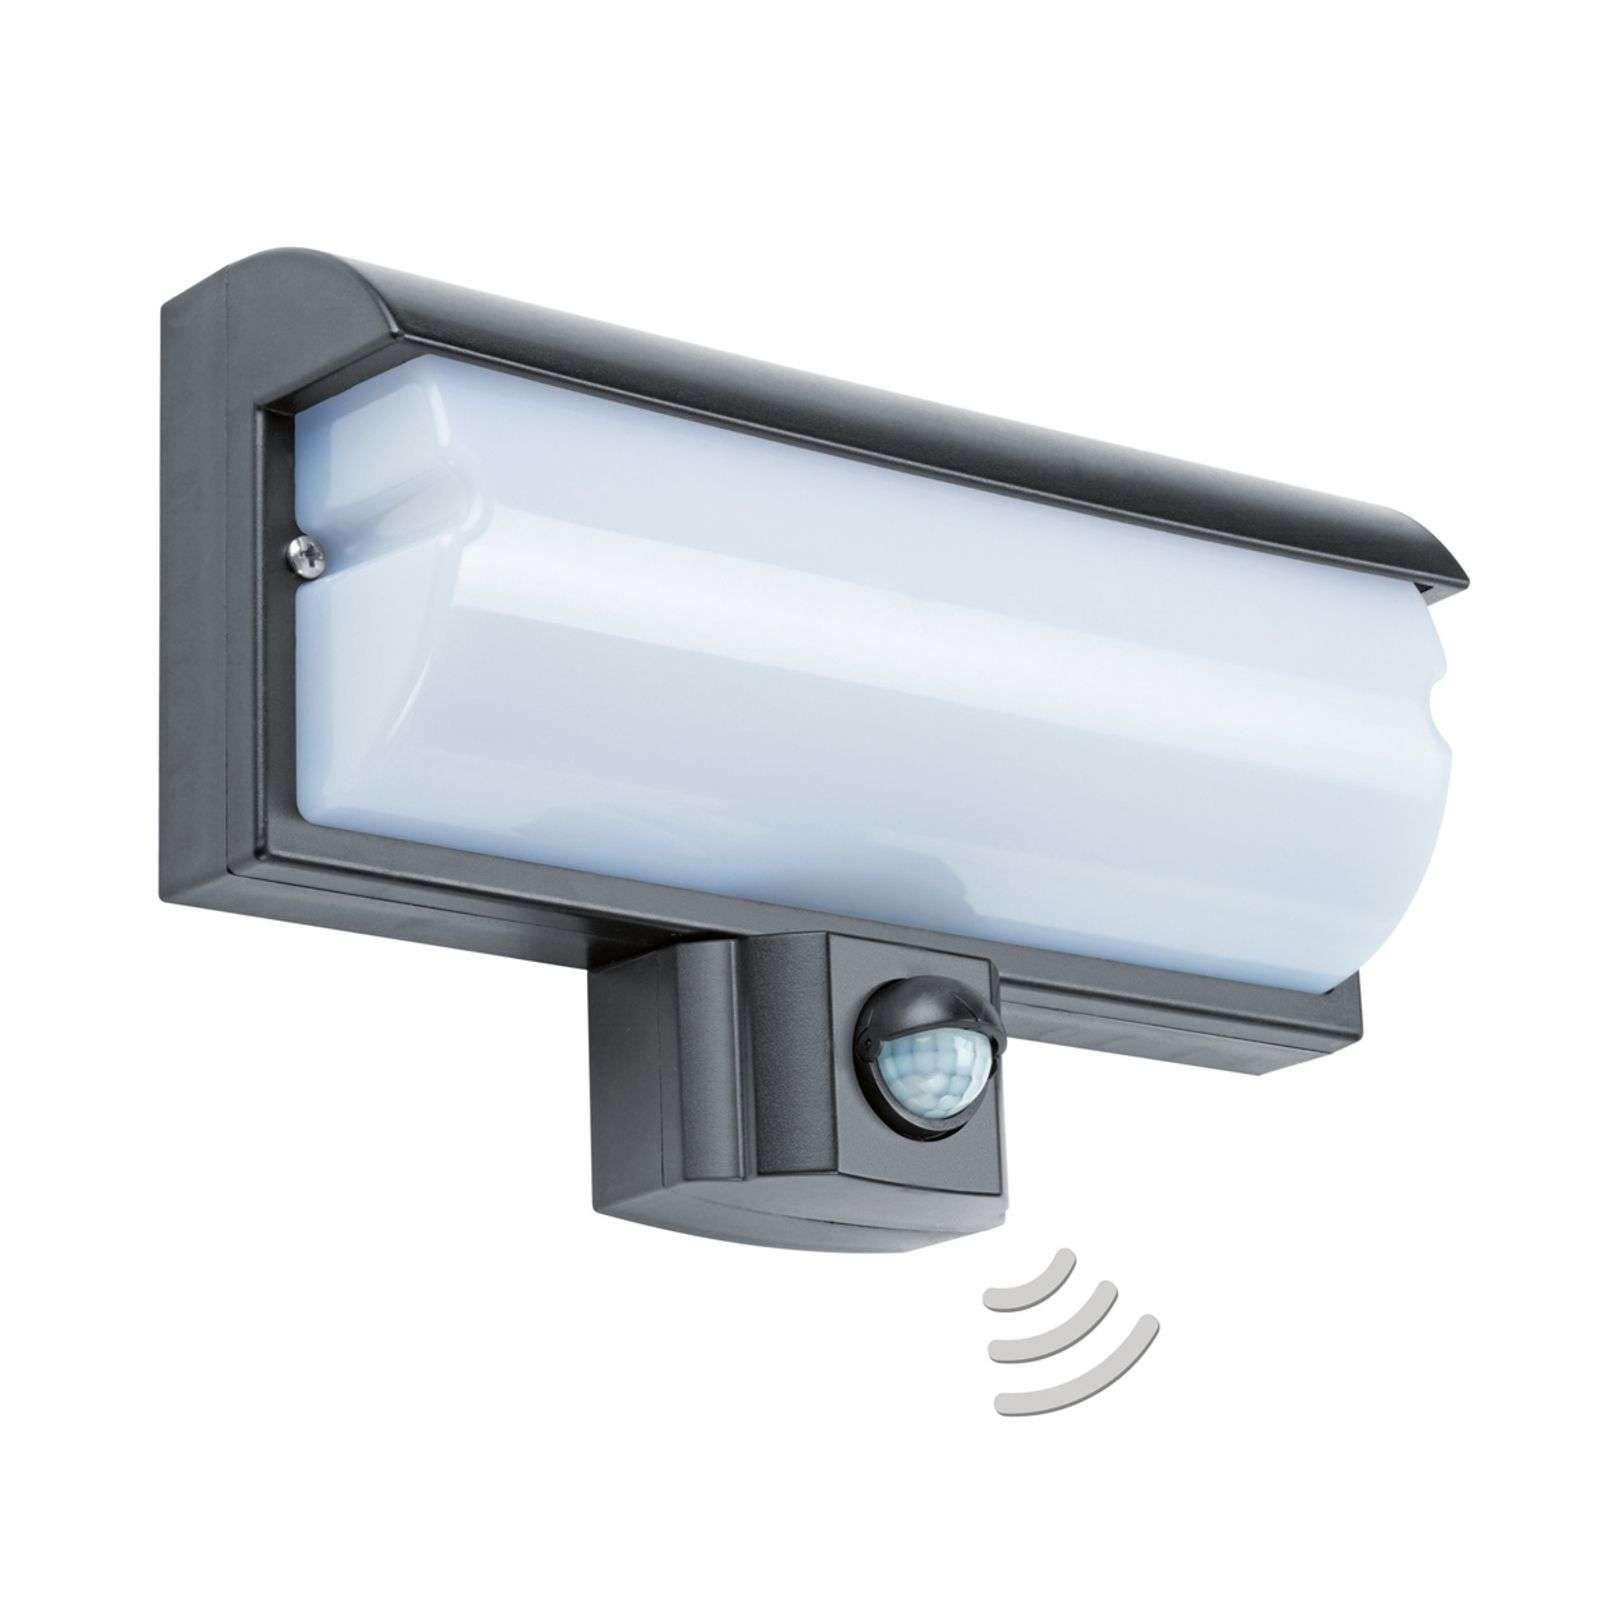 Led Wandspot Lbo 21679 Met Sensor Ip44 In 2020 Led Buiten Wandlamp Wandlamp